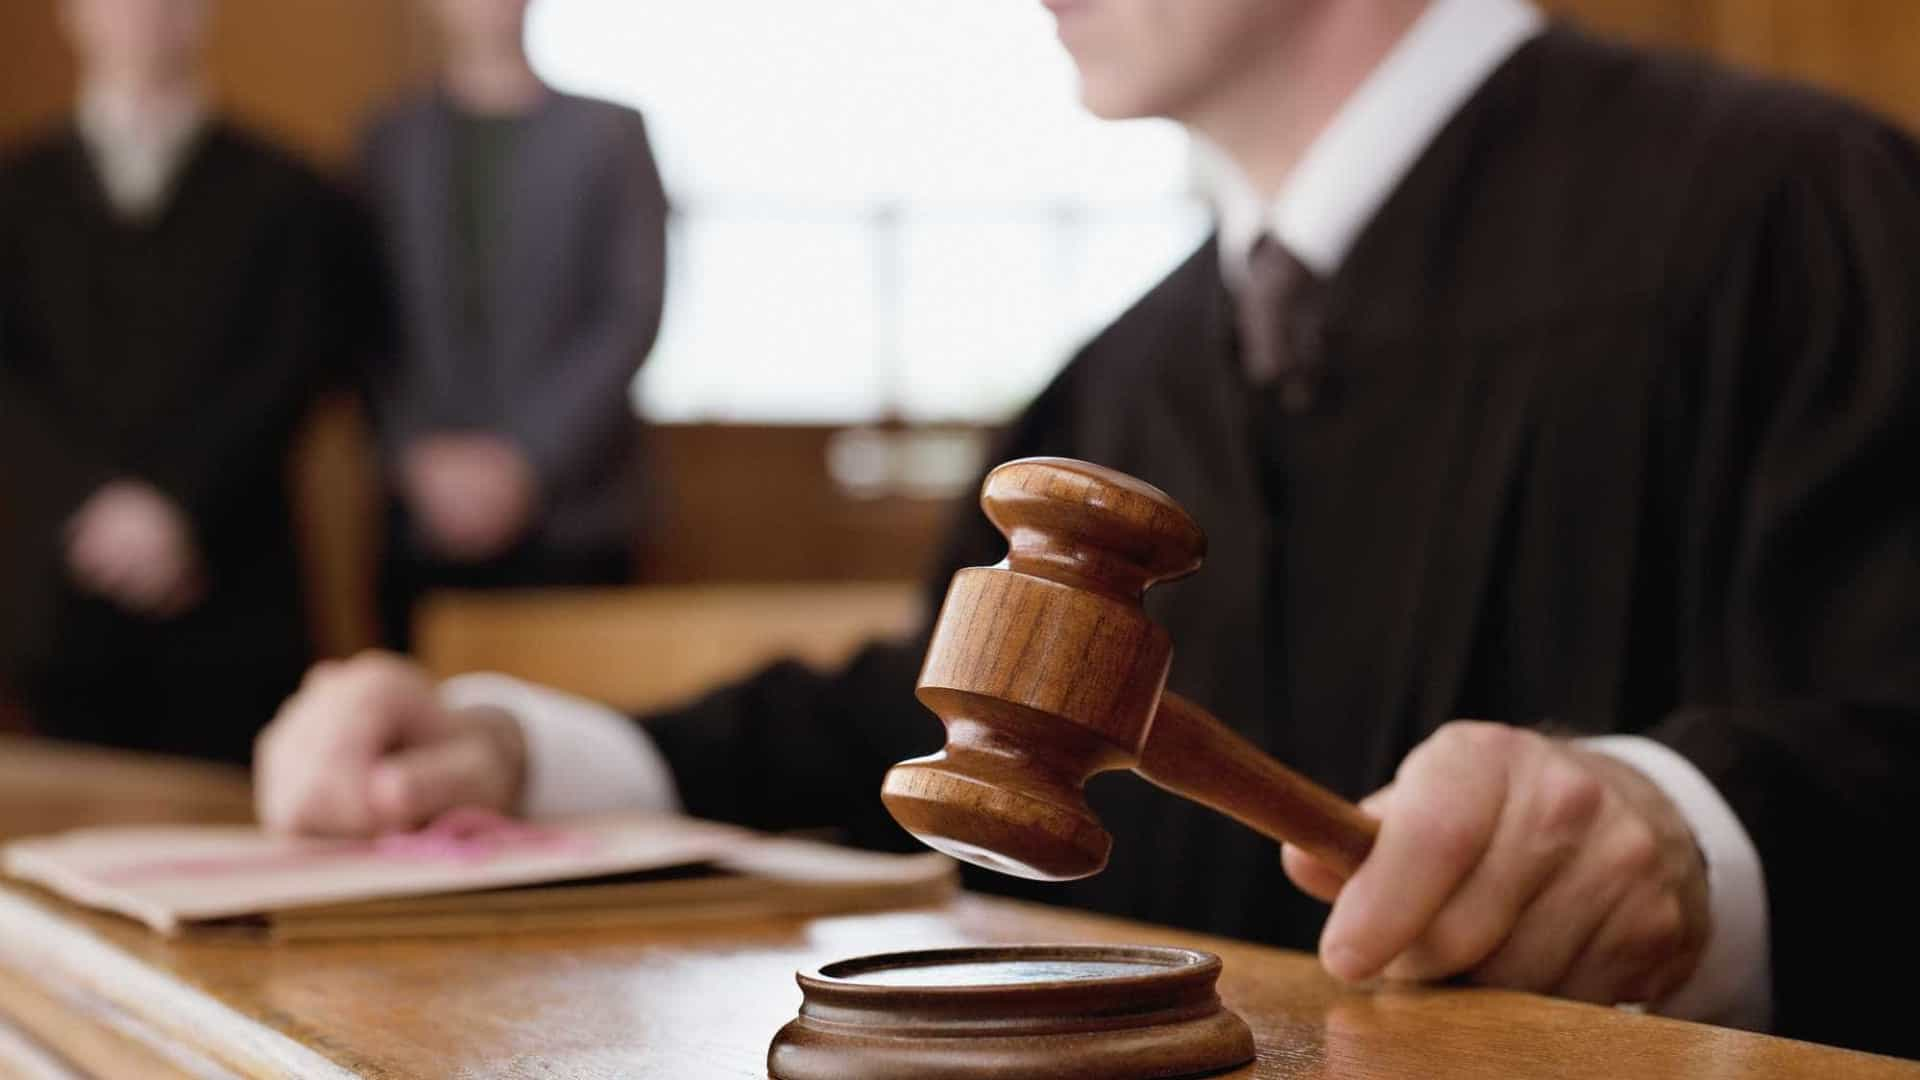 Juízes do acórdão que cita a Bíblia alvo de processo disciplinar